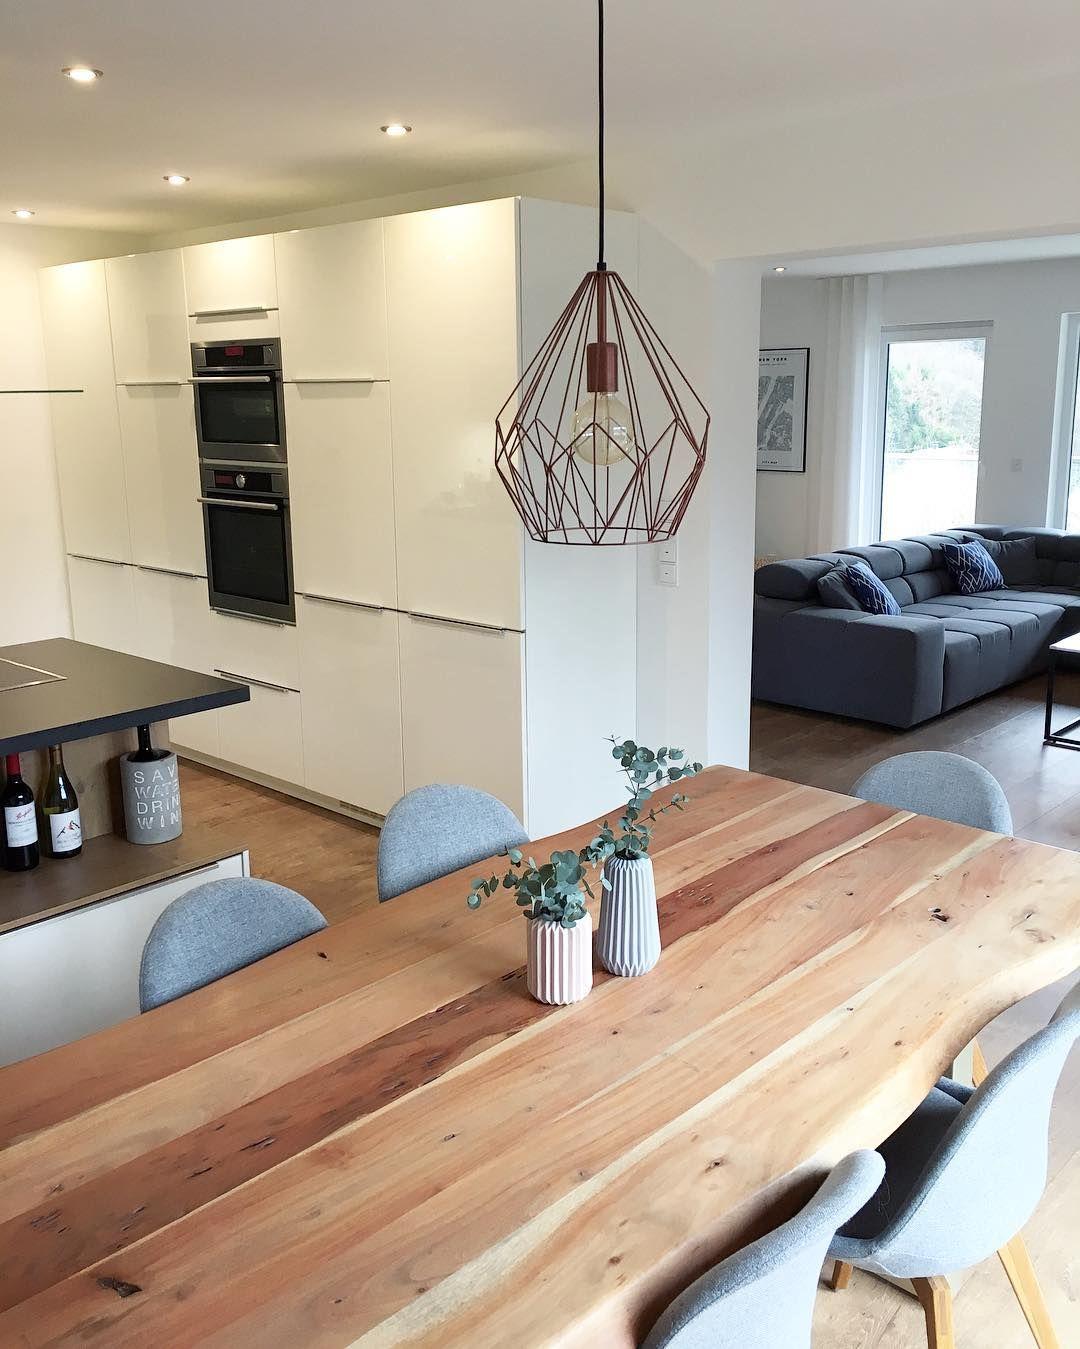 hausbesuche heute bei der wundervollen nine aus nrw vicky hellmann zuhause in 2019 haus. Black Bedroom Furniture Sets. Home Design Ideas